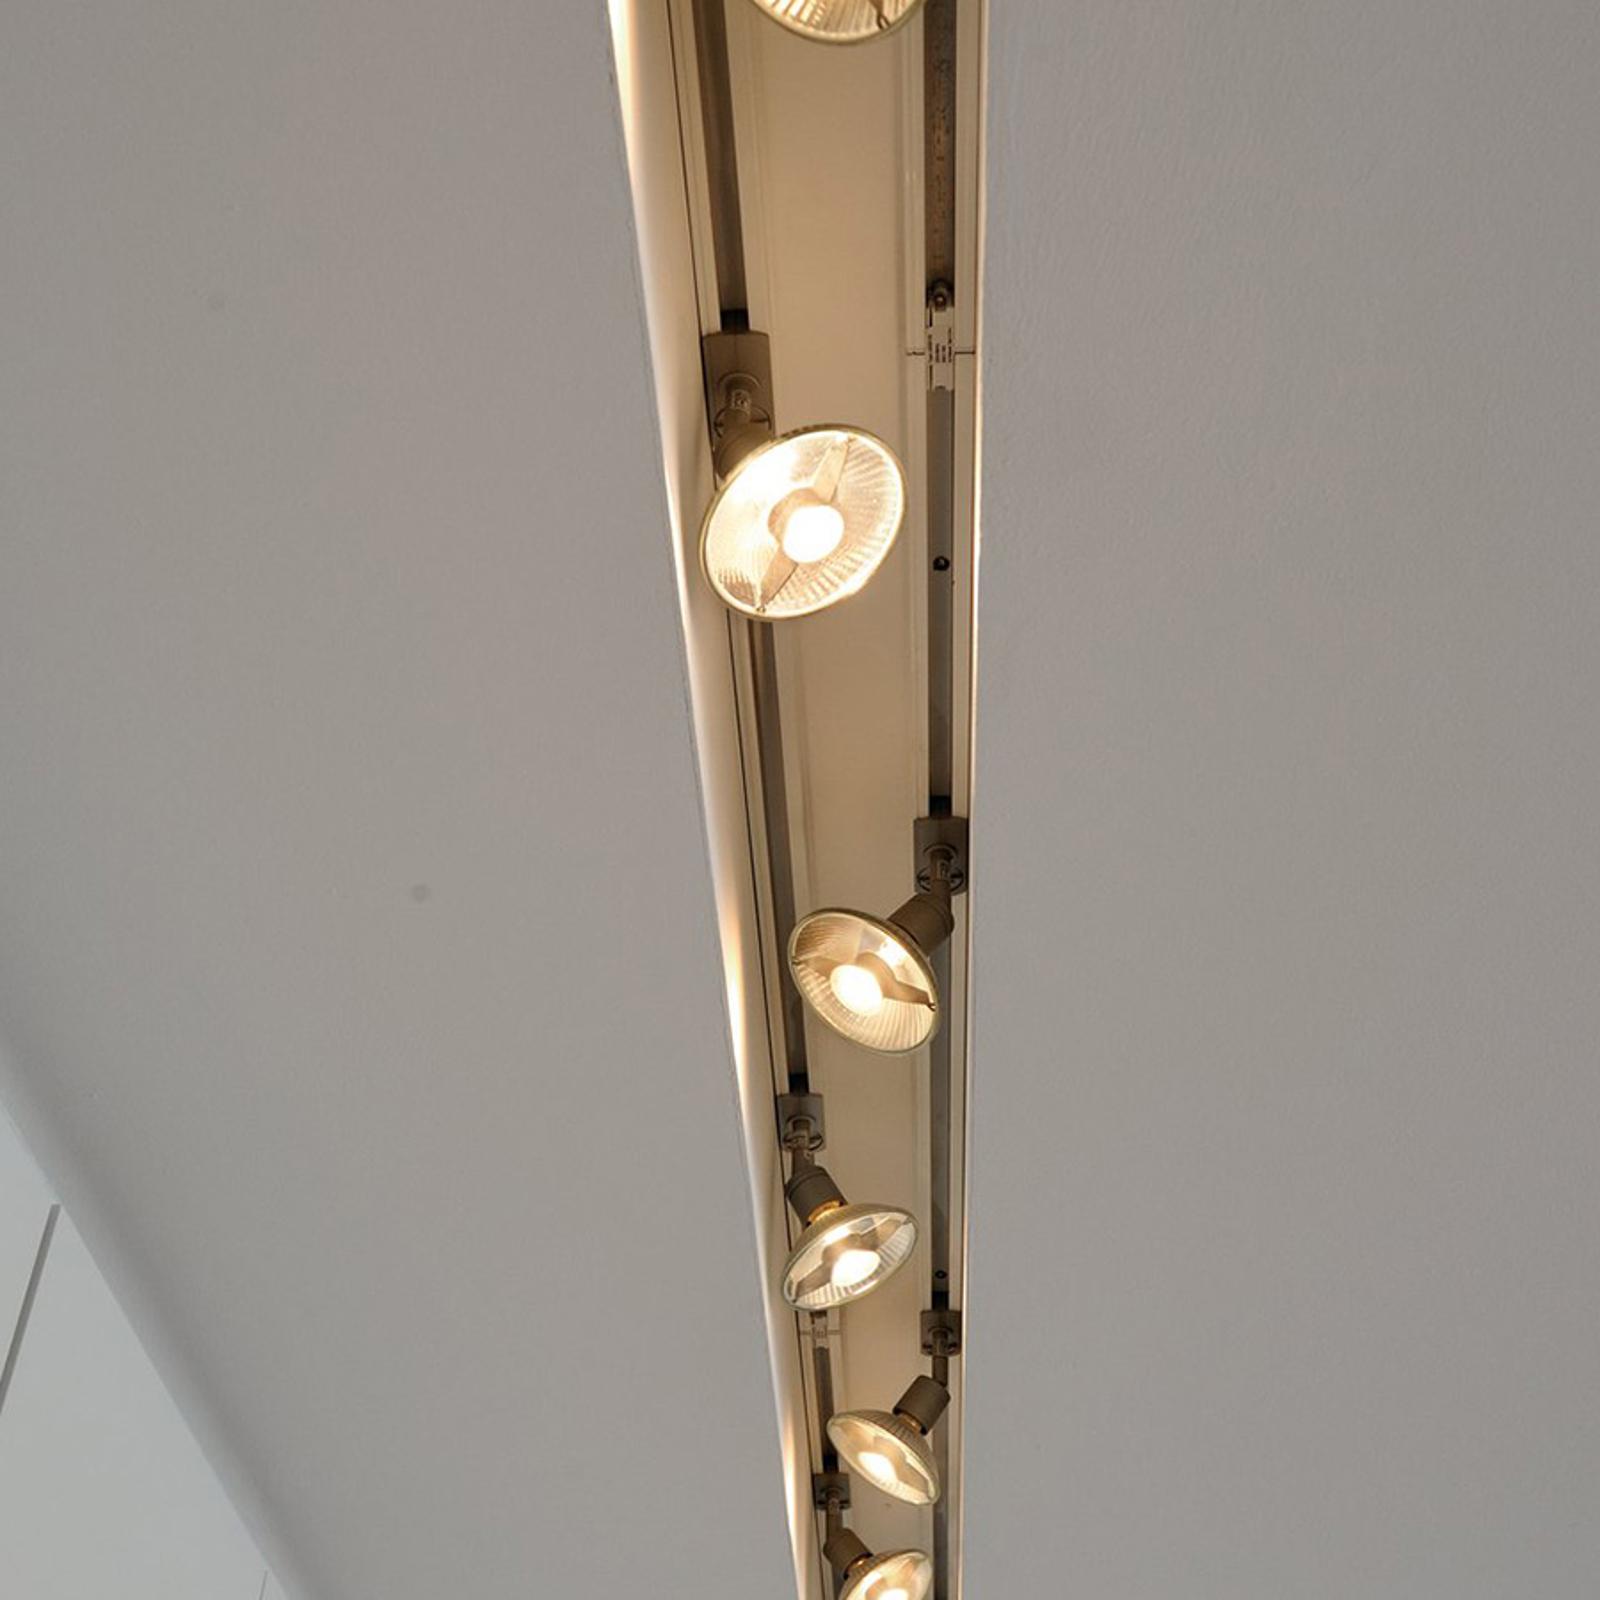 Puri 1-vaihe-kiskojärjestelmää varten hopeanharmaa